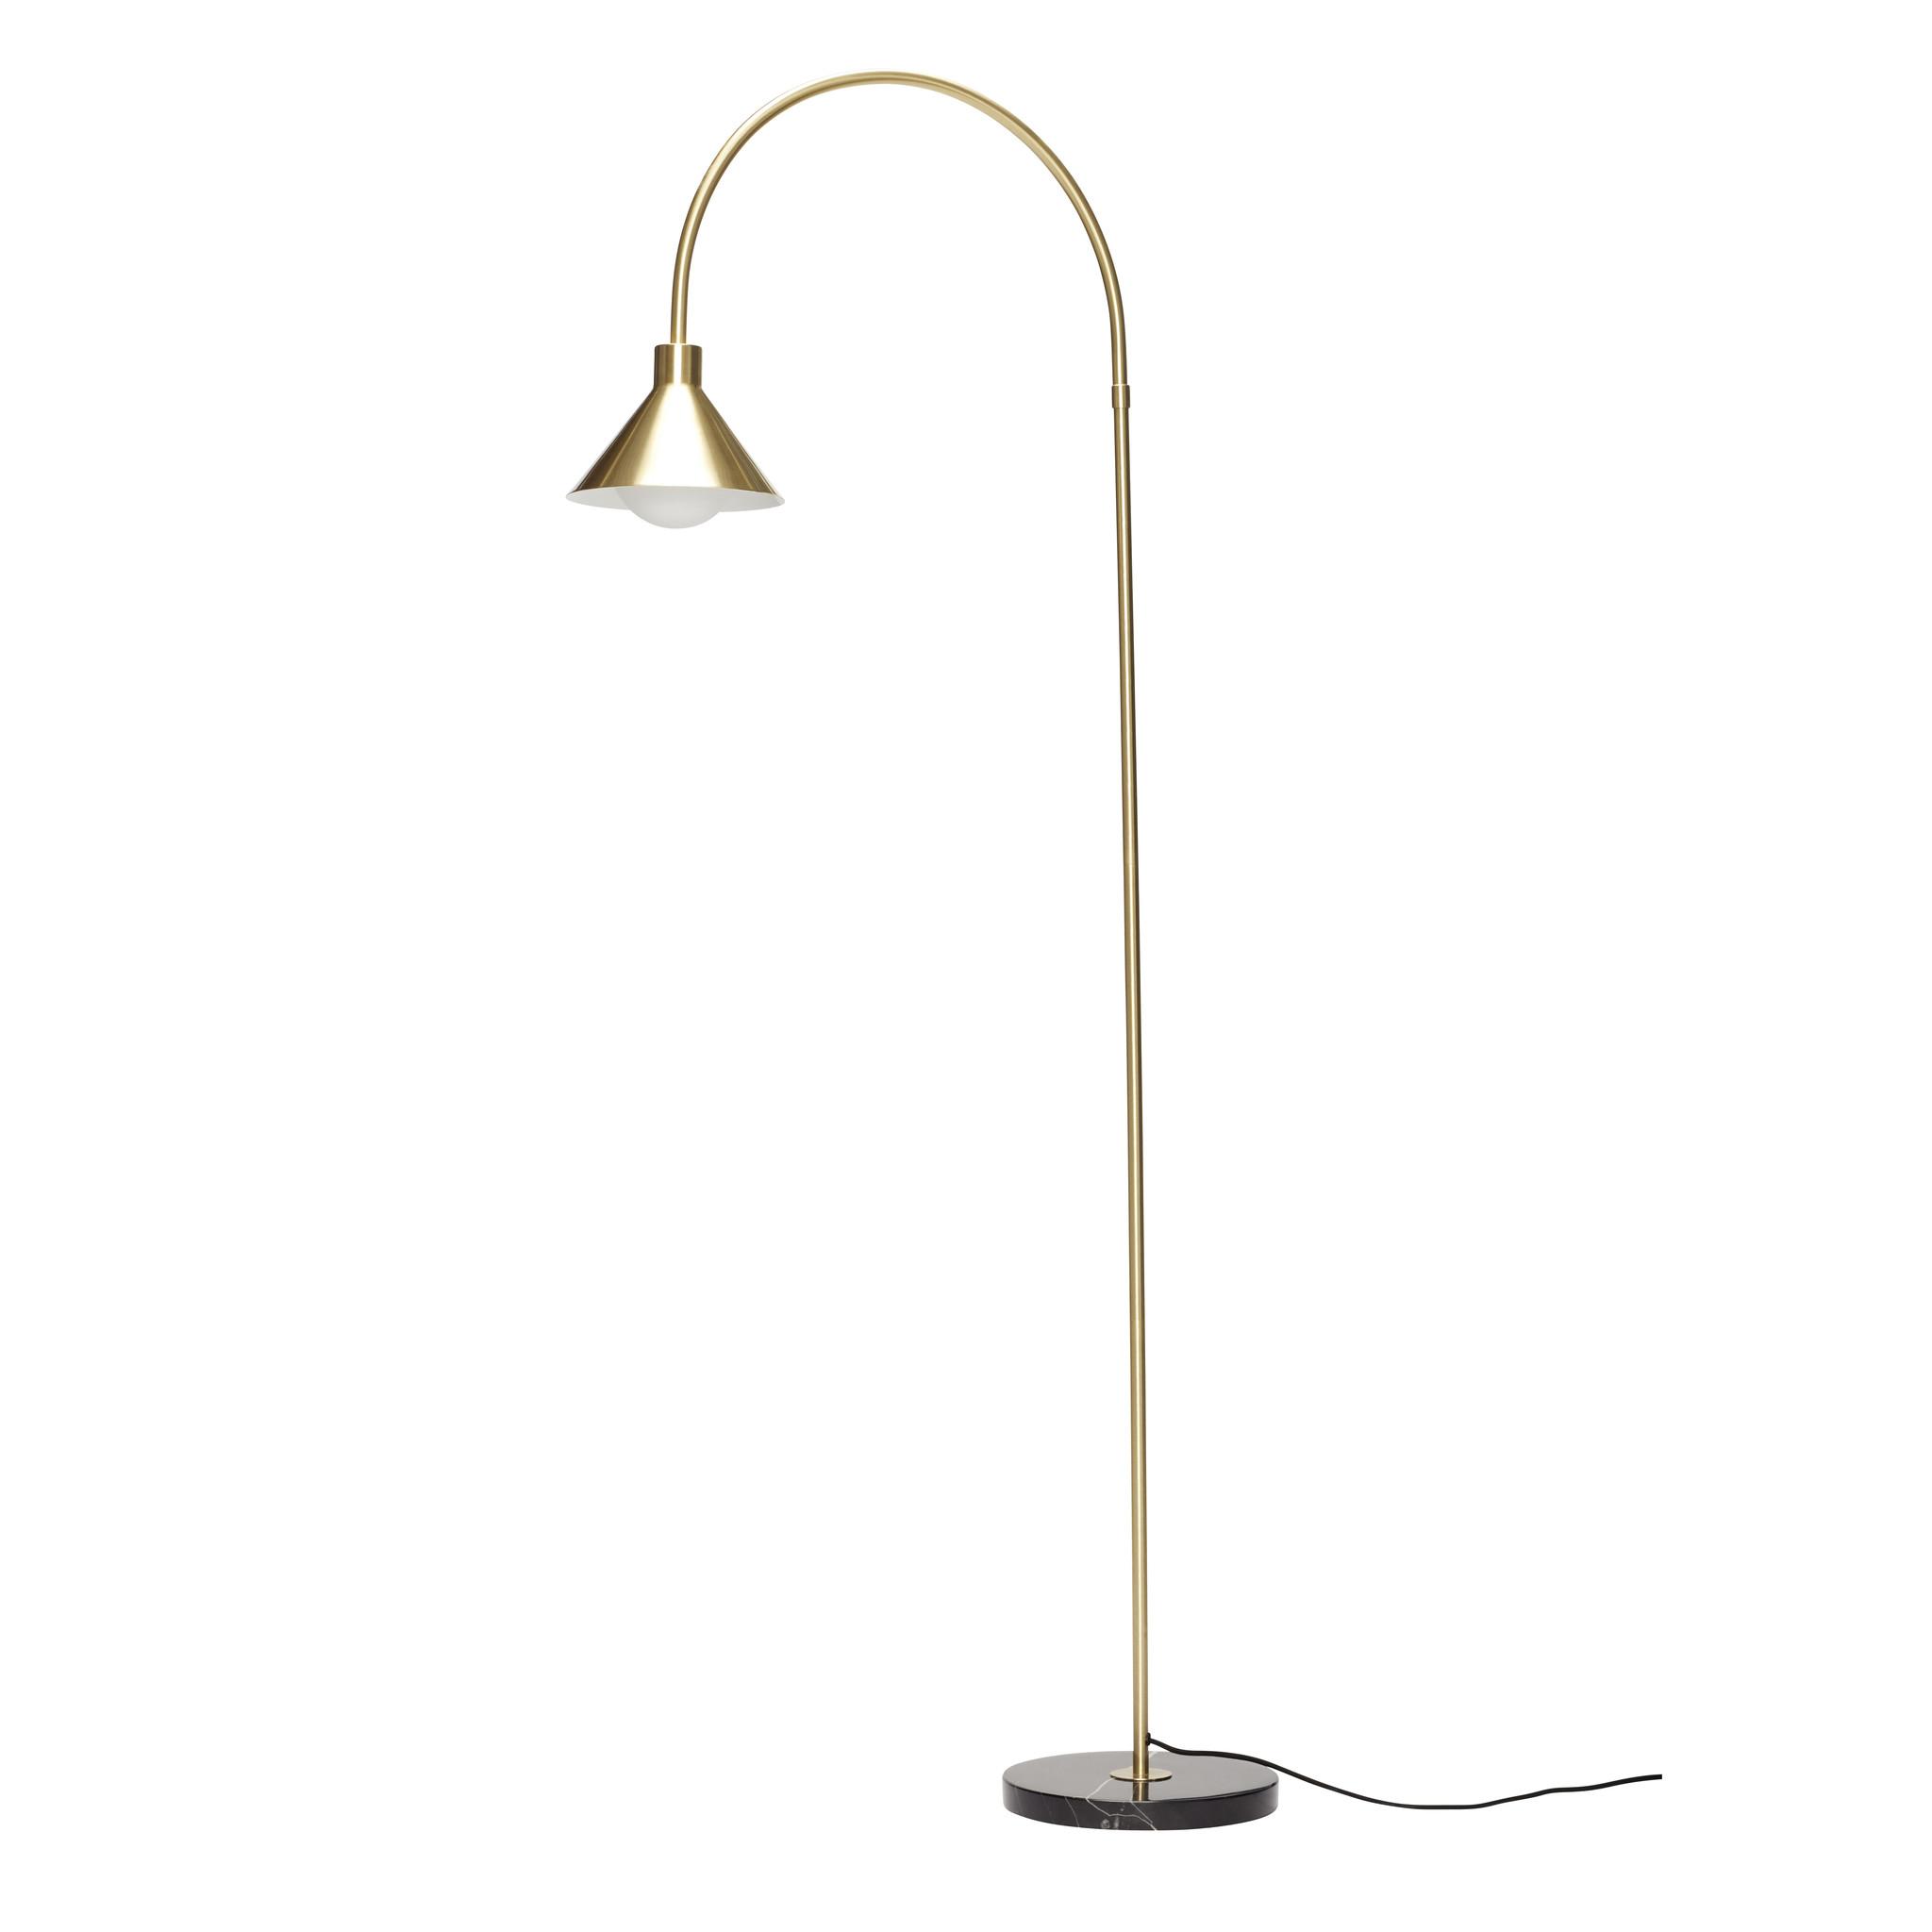 Hubsch Staande lamp met marmeren voet, zwart / messing-990914-5712772071199